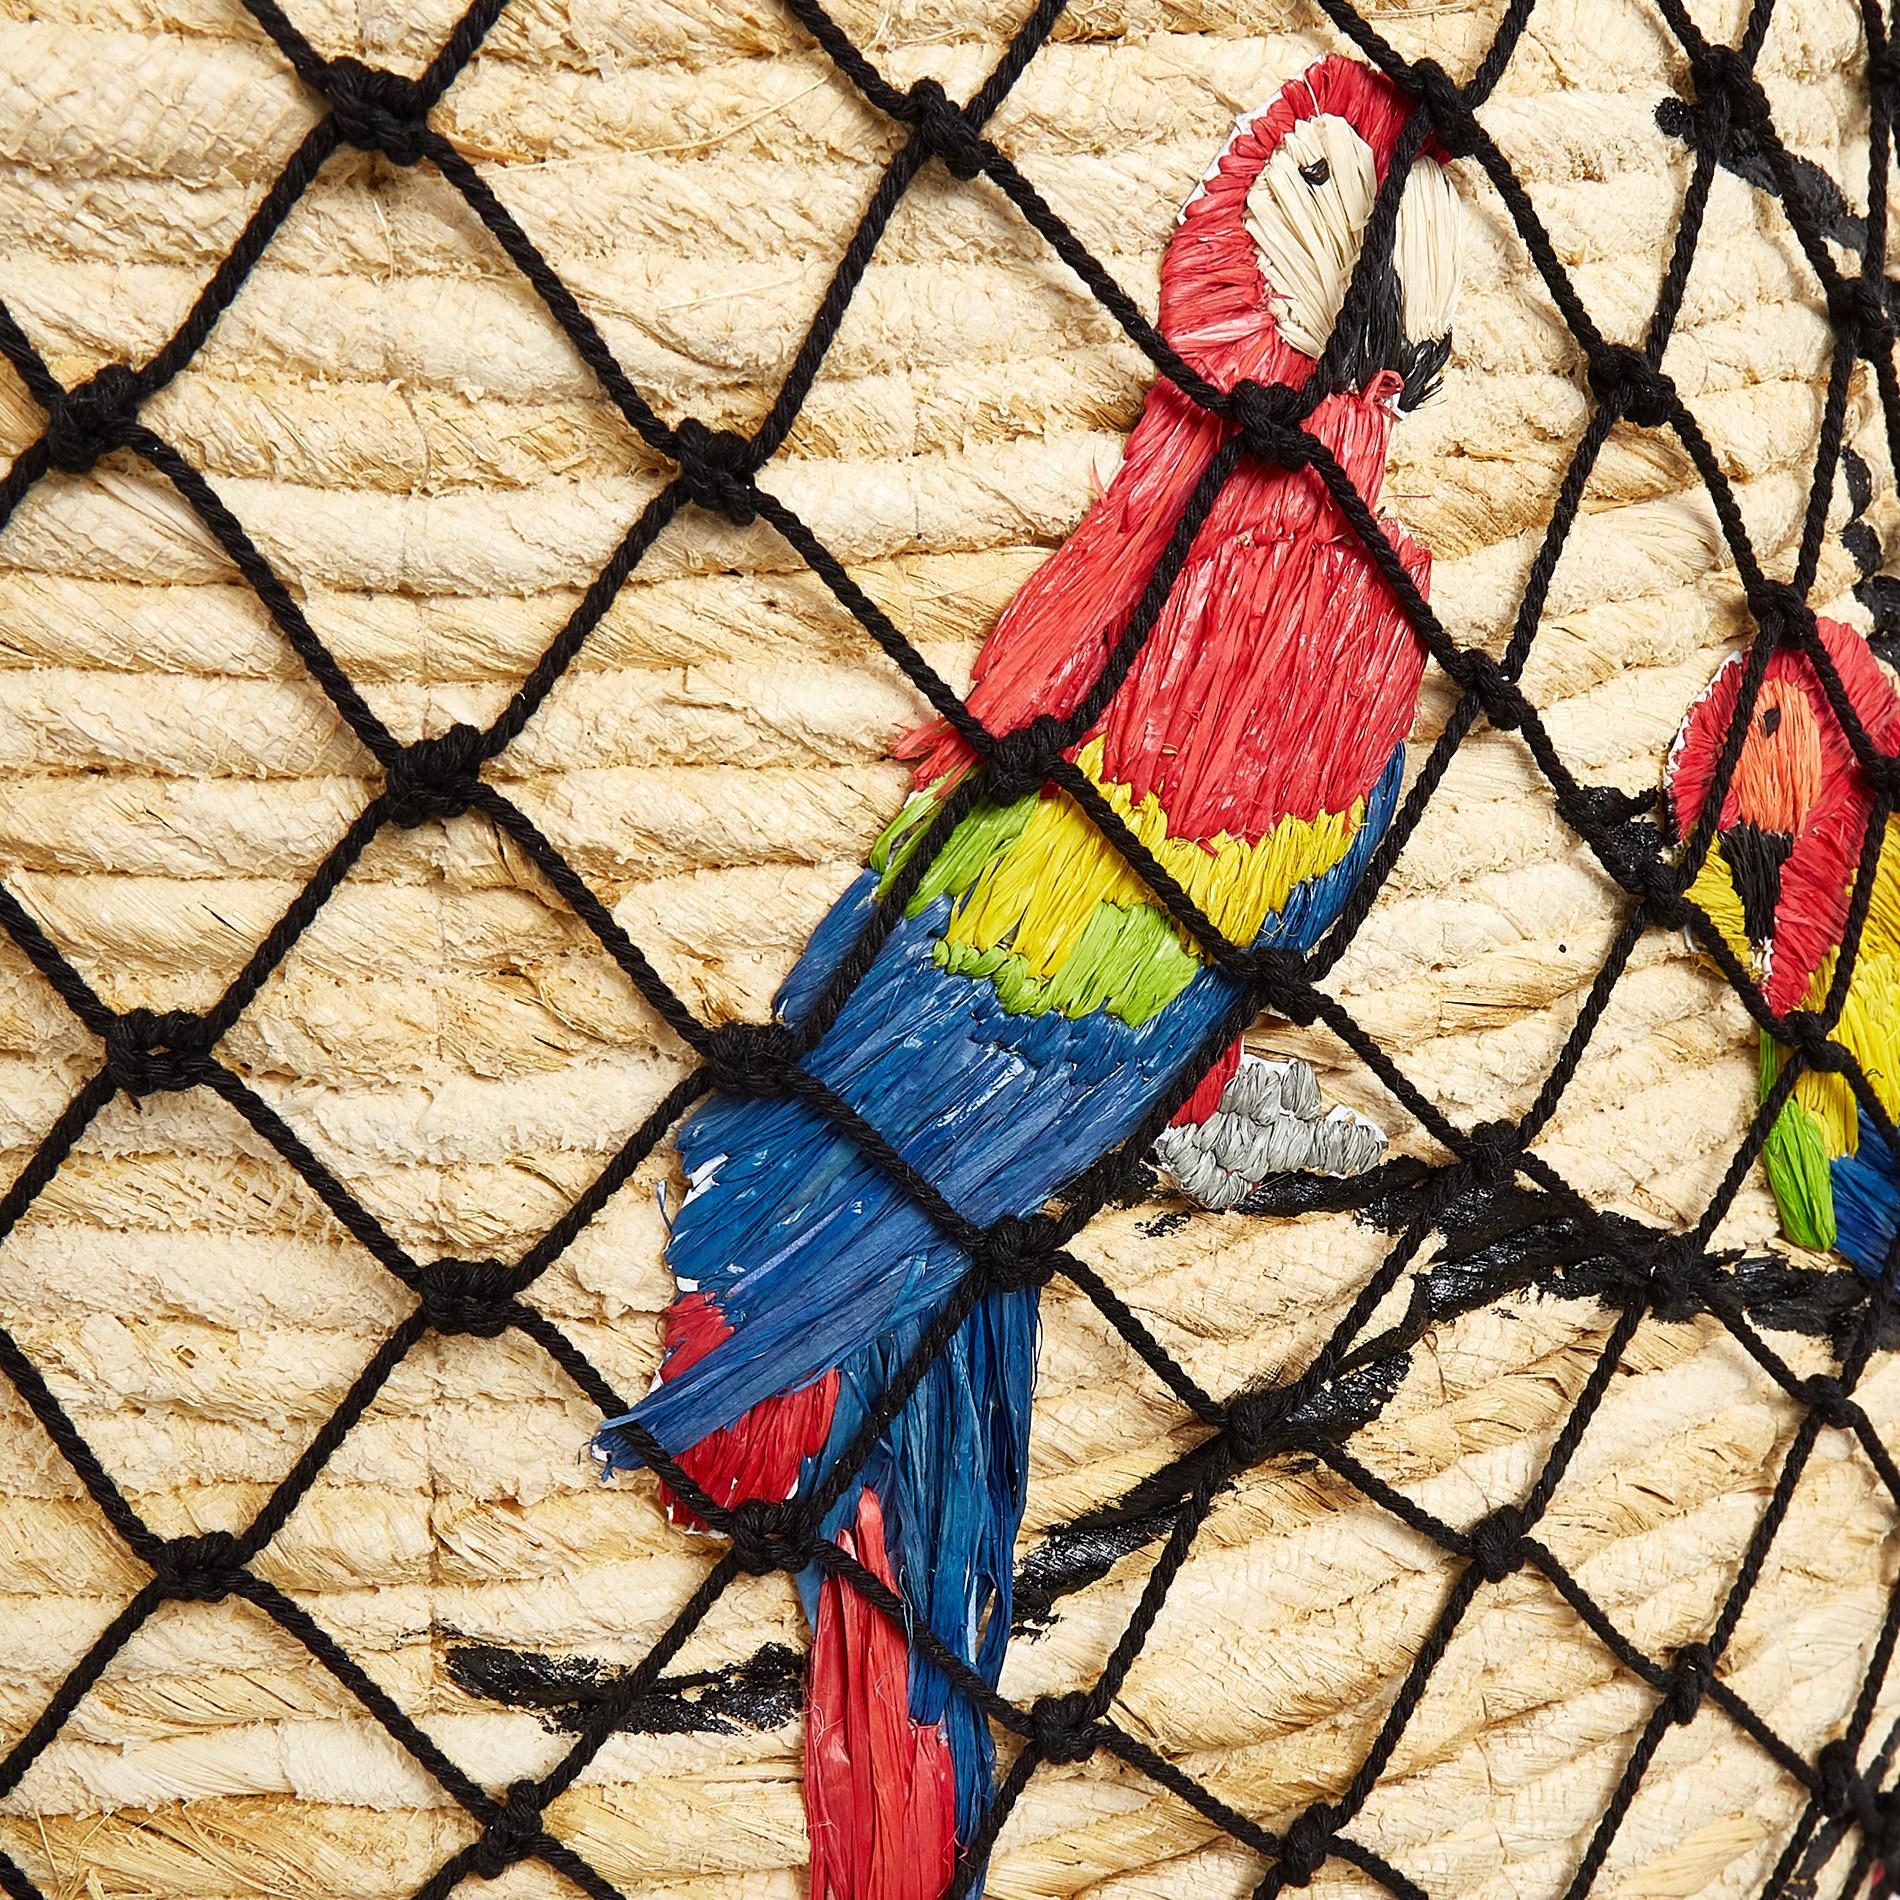 Cesto paglia intrecciata a mano decoro pappagalli, Trasparente, large image number 1